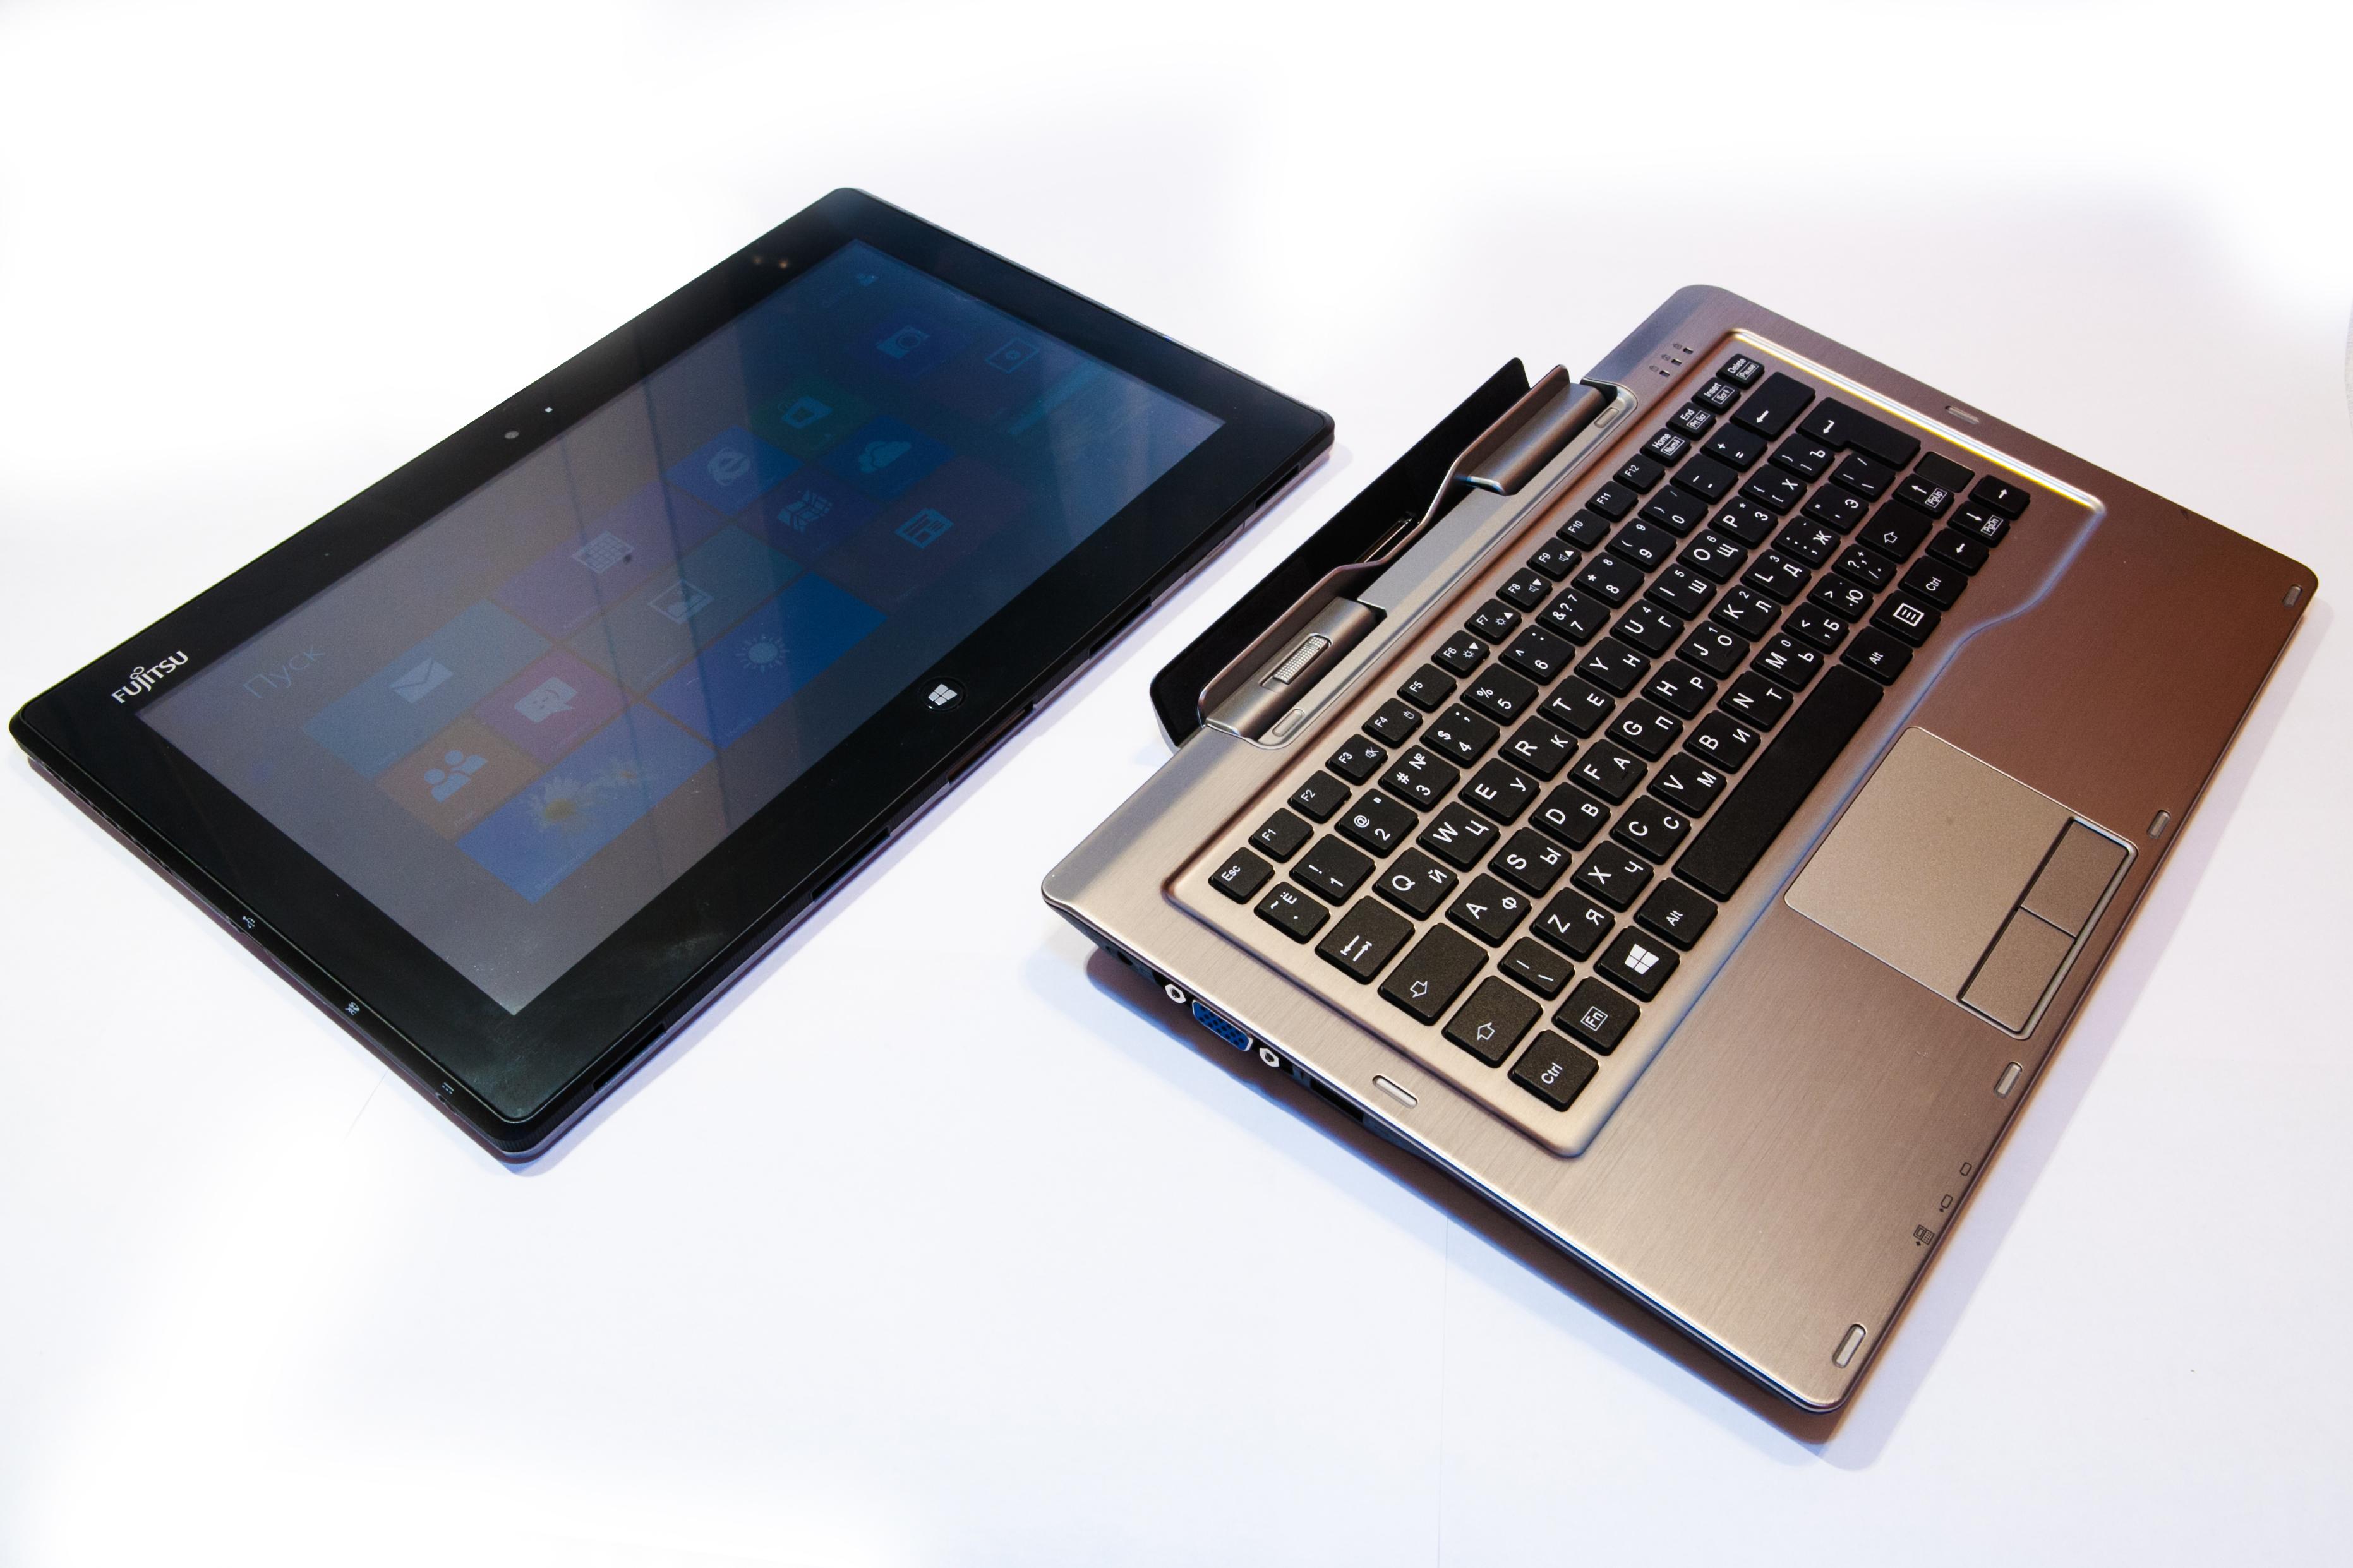 Гибридный планшетный ПК Fujitsu STYLISTIC Q702